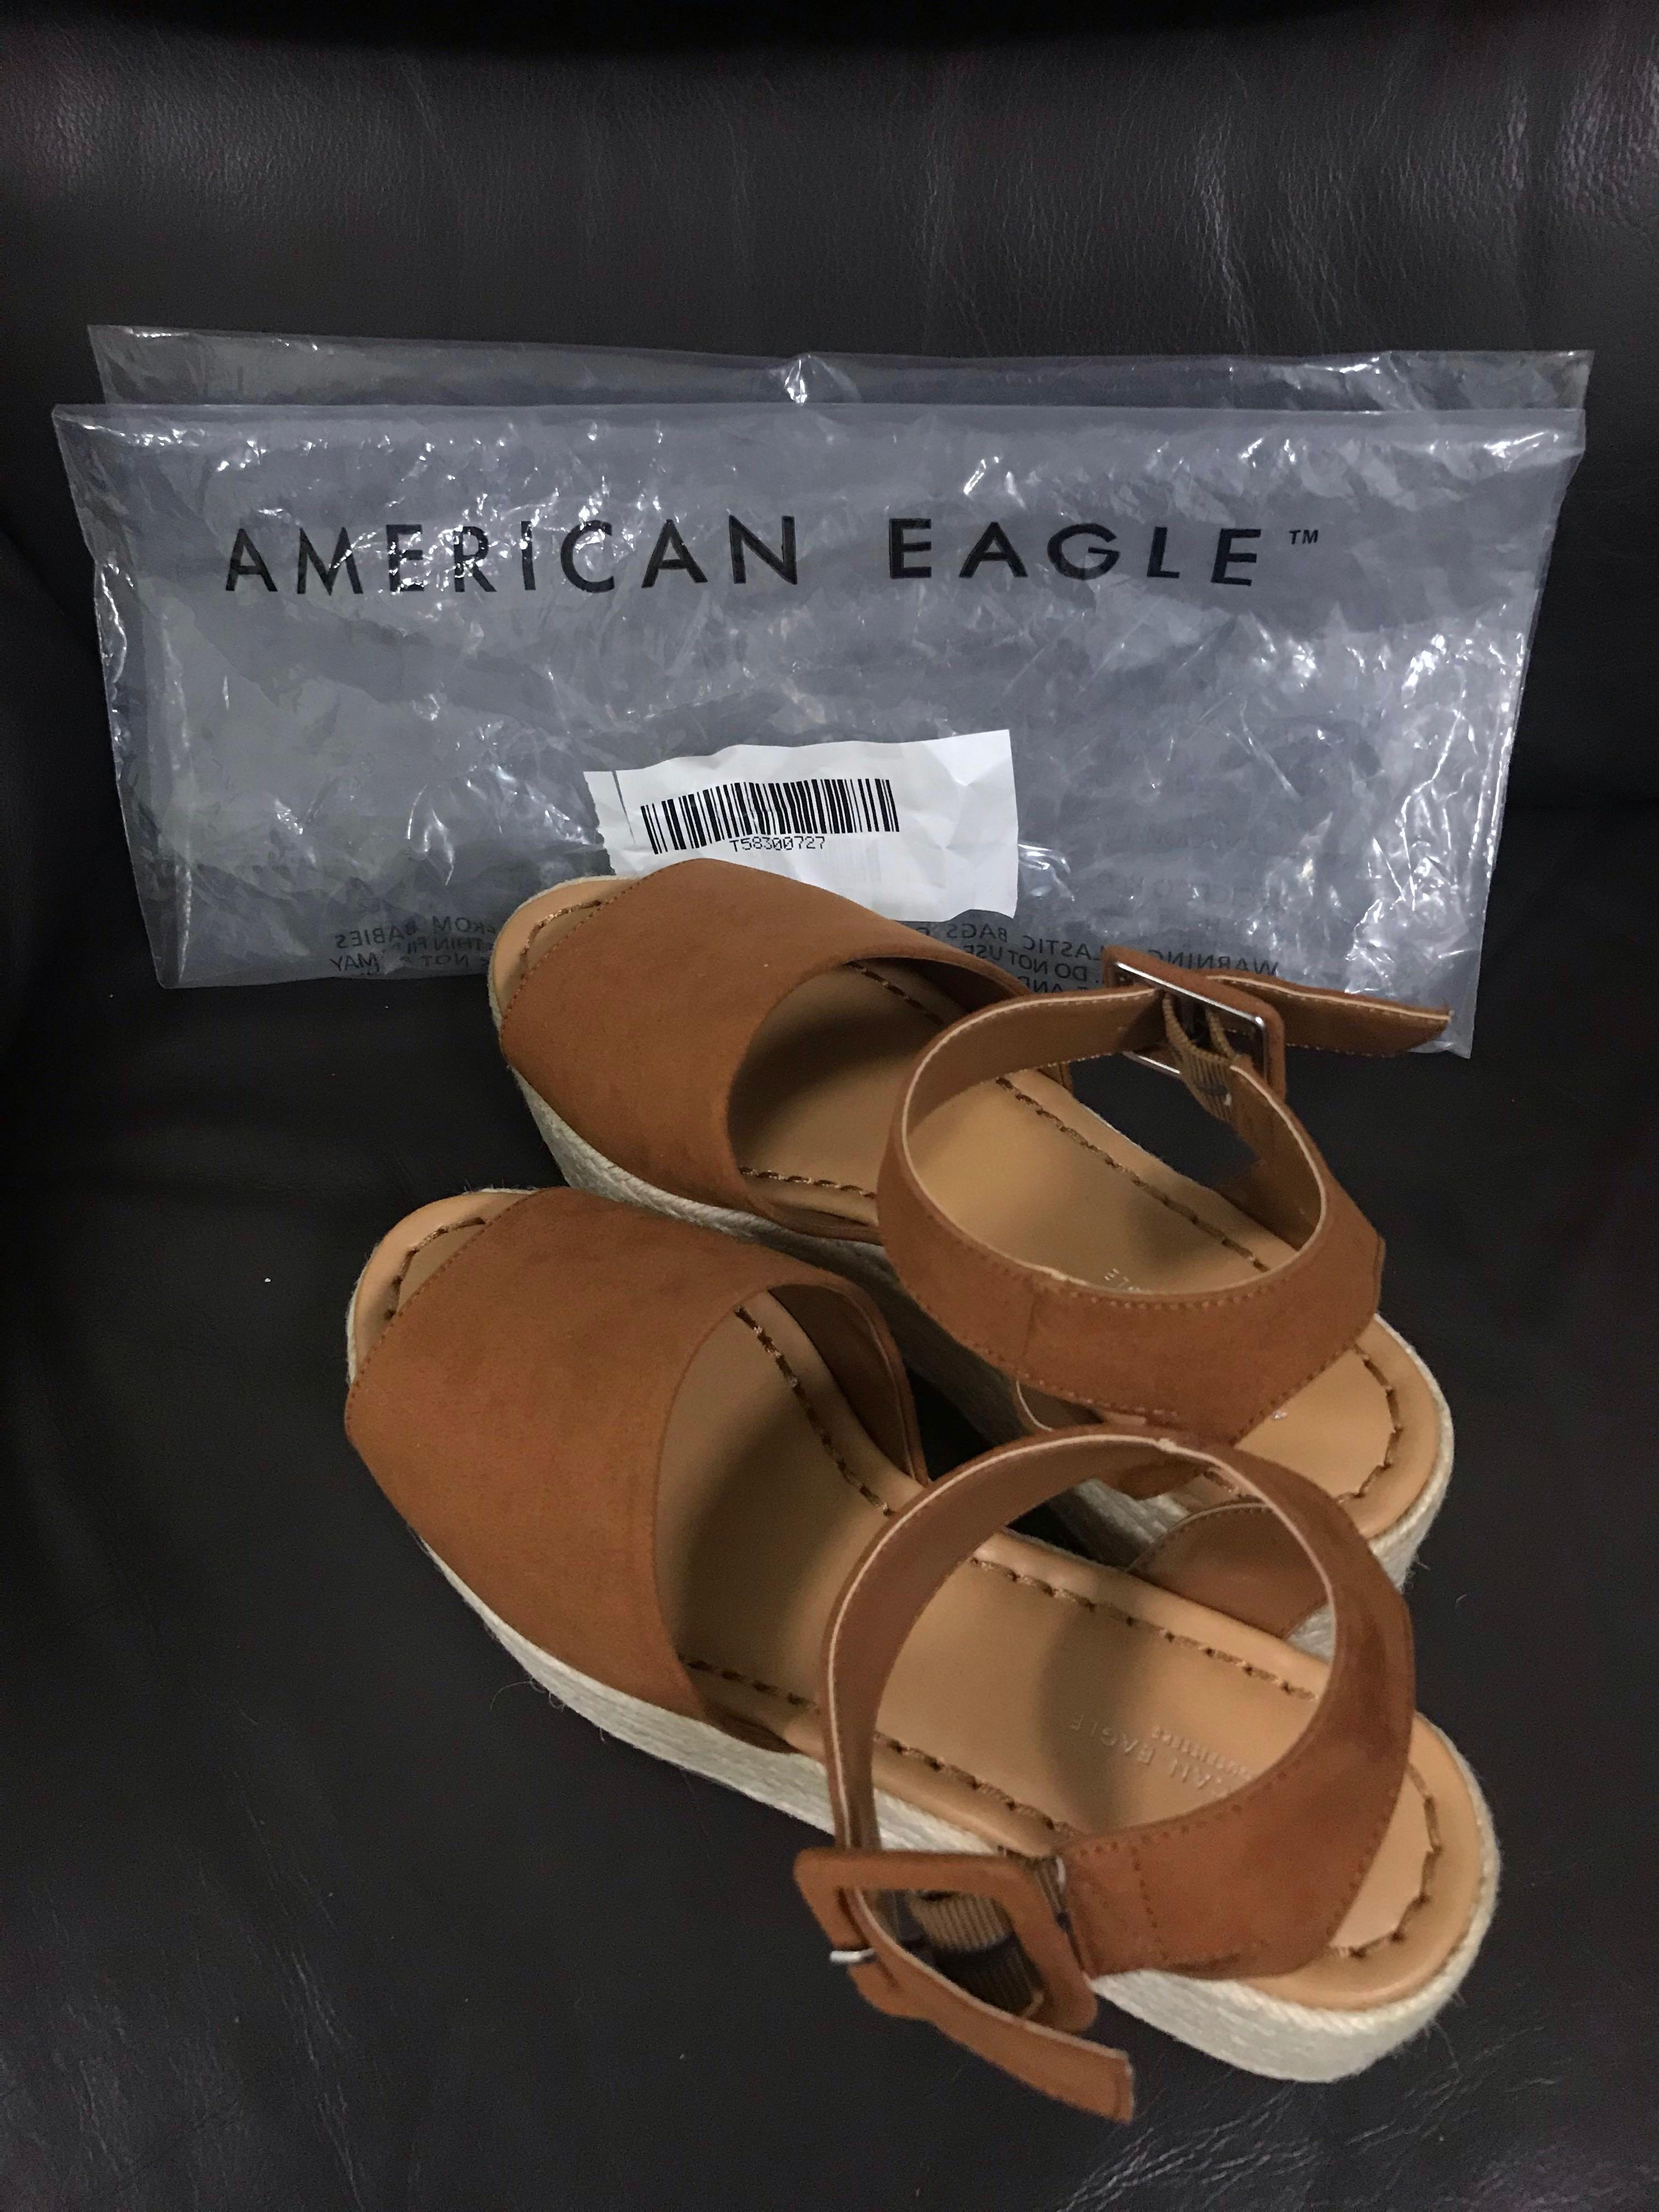 American Eagle Platform Sandals - Brand